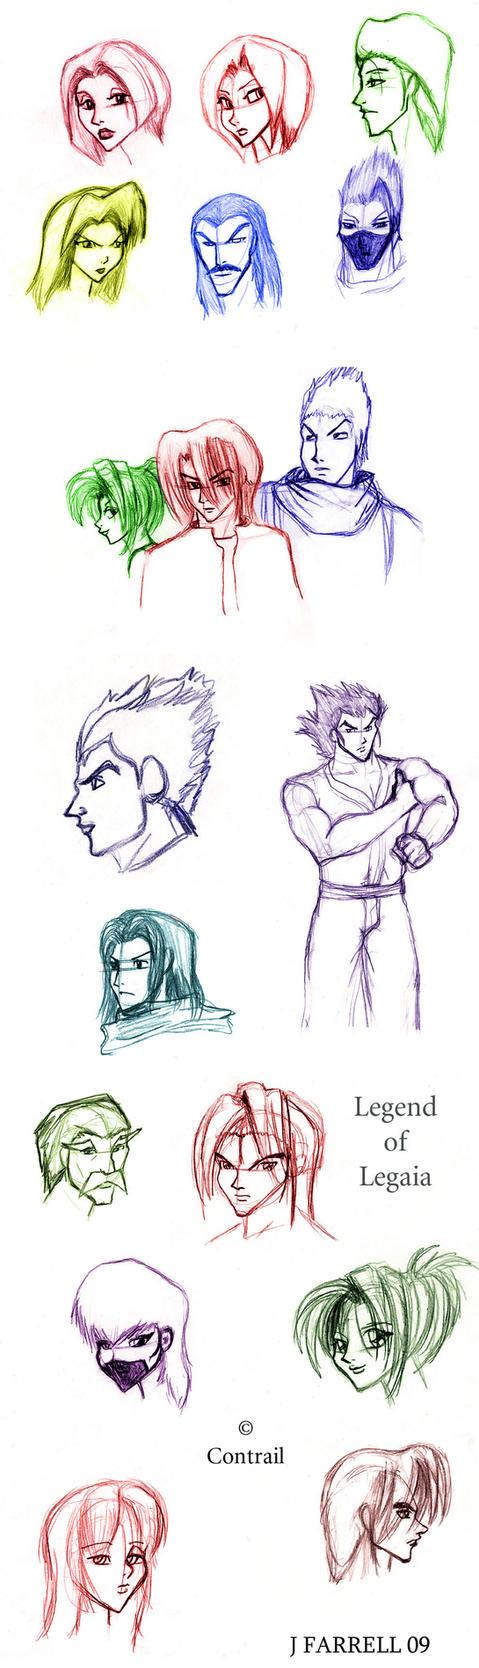 Legend of Legaia Sketches by darkmane